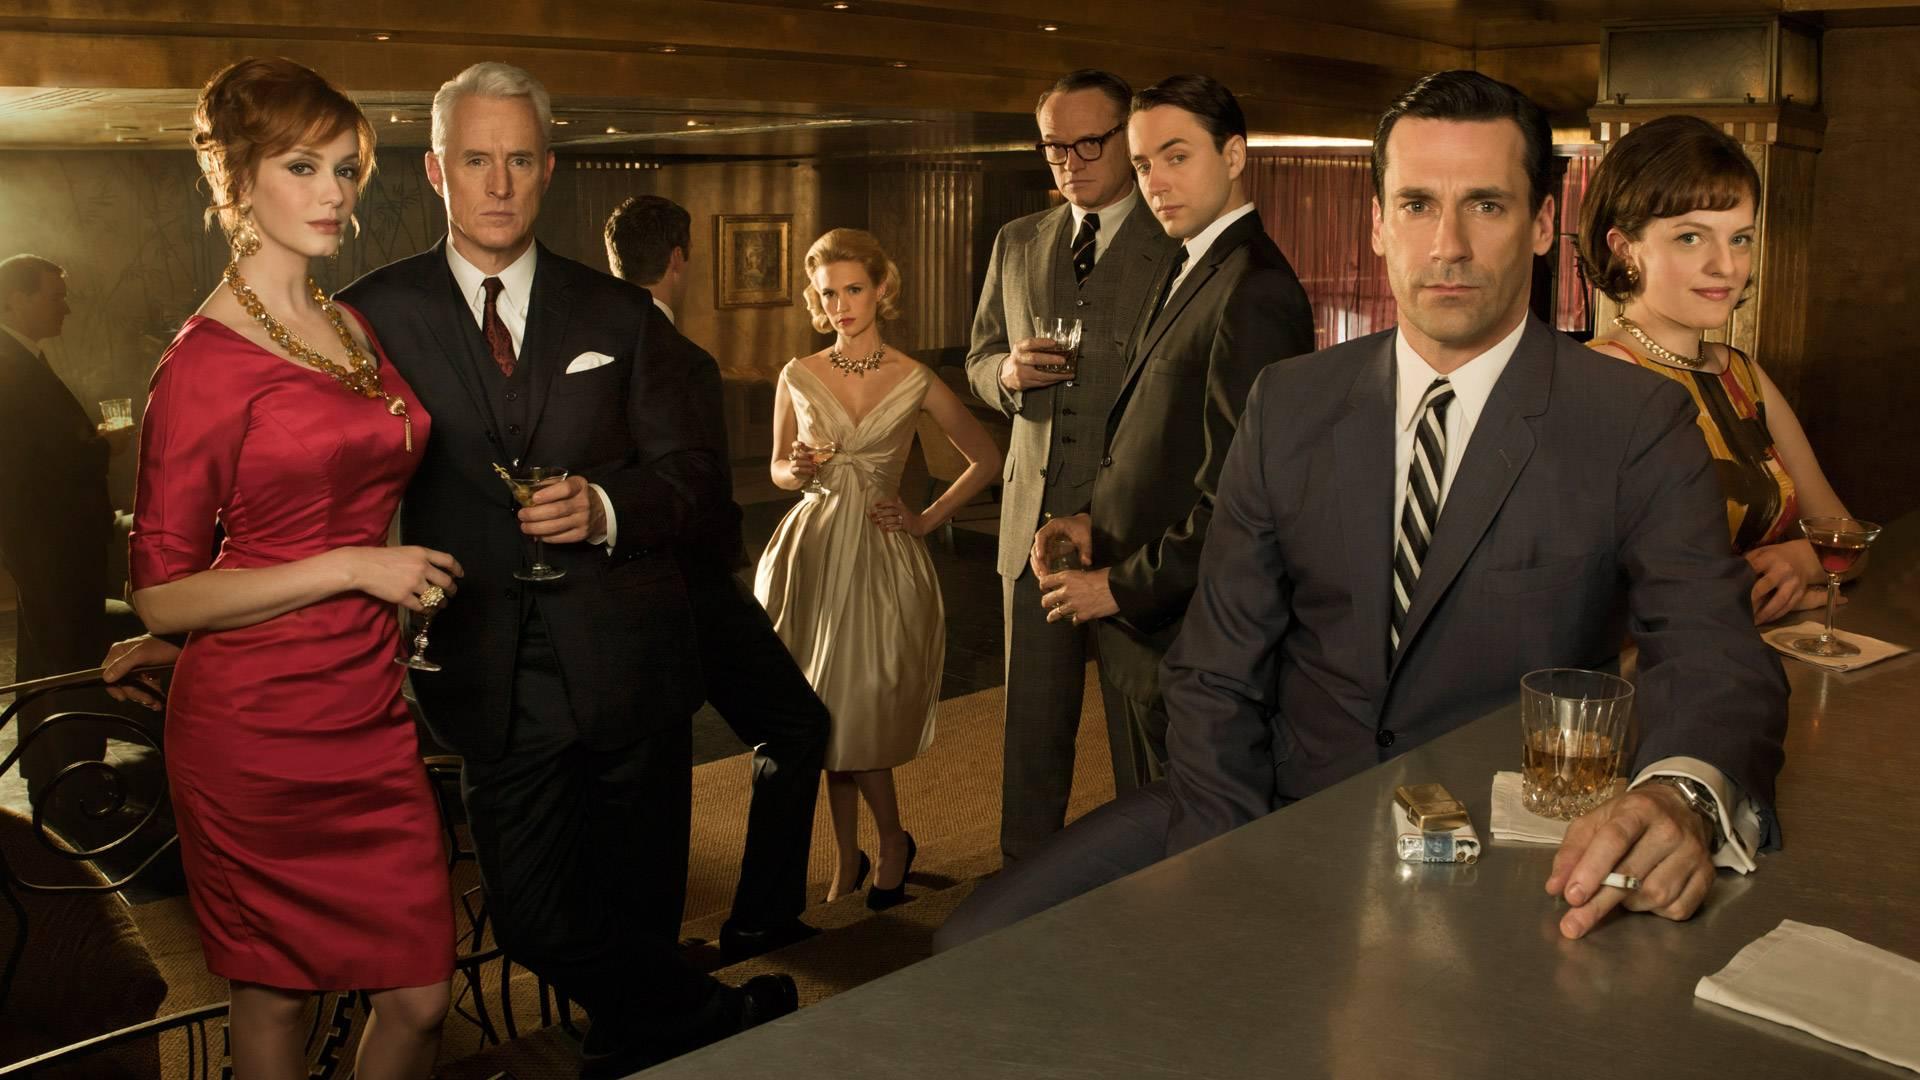 Mad Men comparte el honor de la serie de Drama más ganadora en los Emmys con L.A. Law, Hill Street Blues y The West Wing.